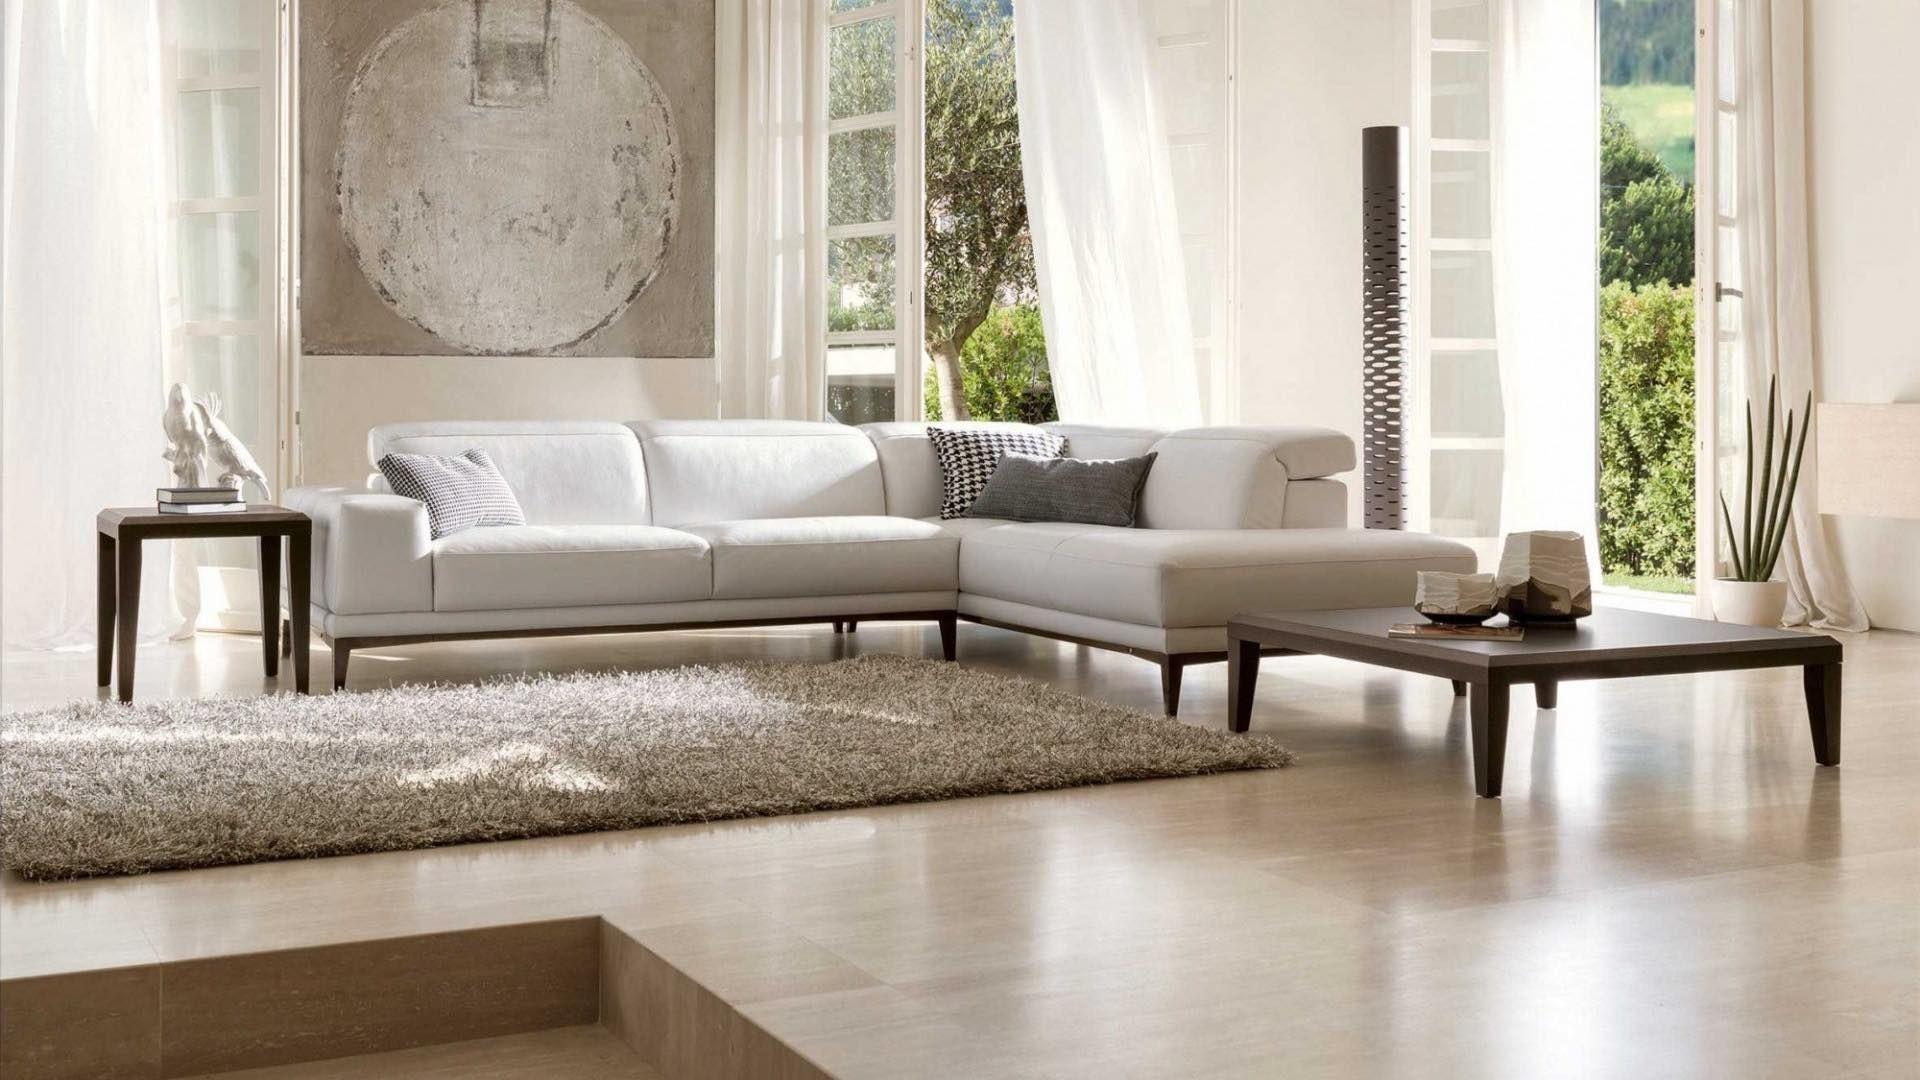 The Natuzzi Borghese Is A Sophisticated Designer Sofa Boasting